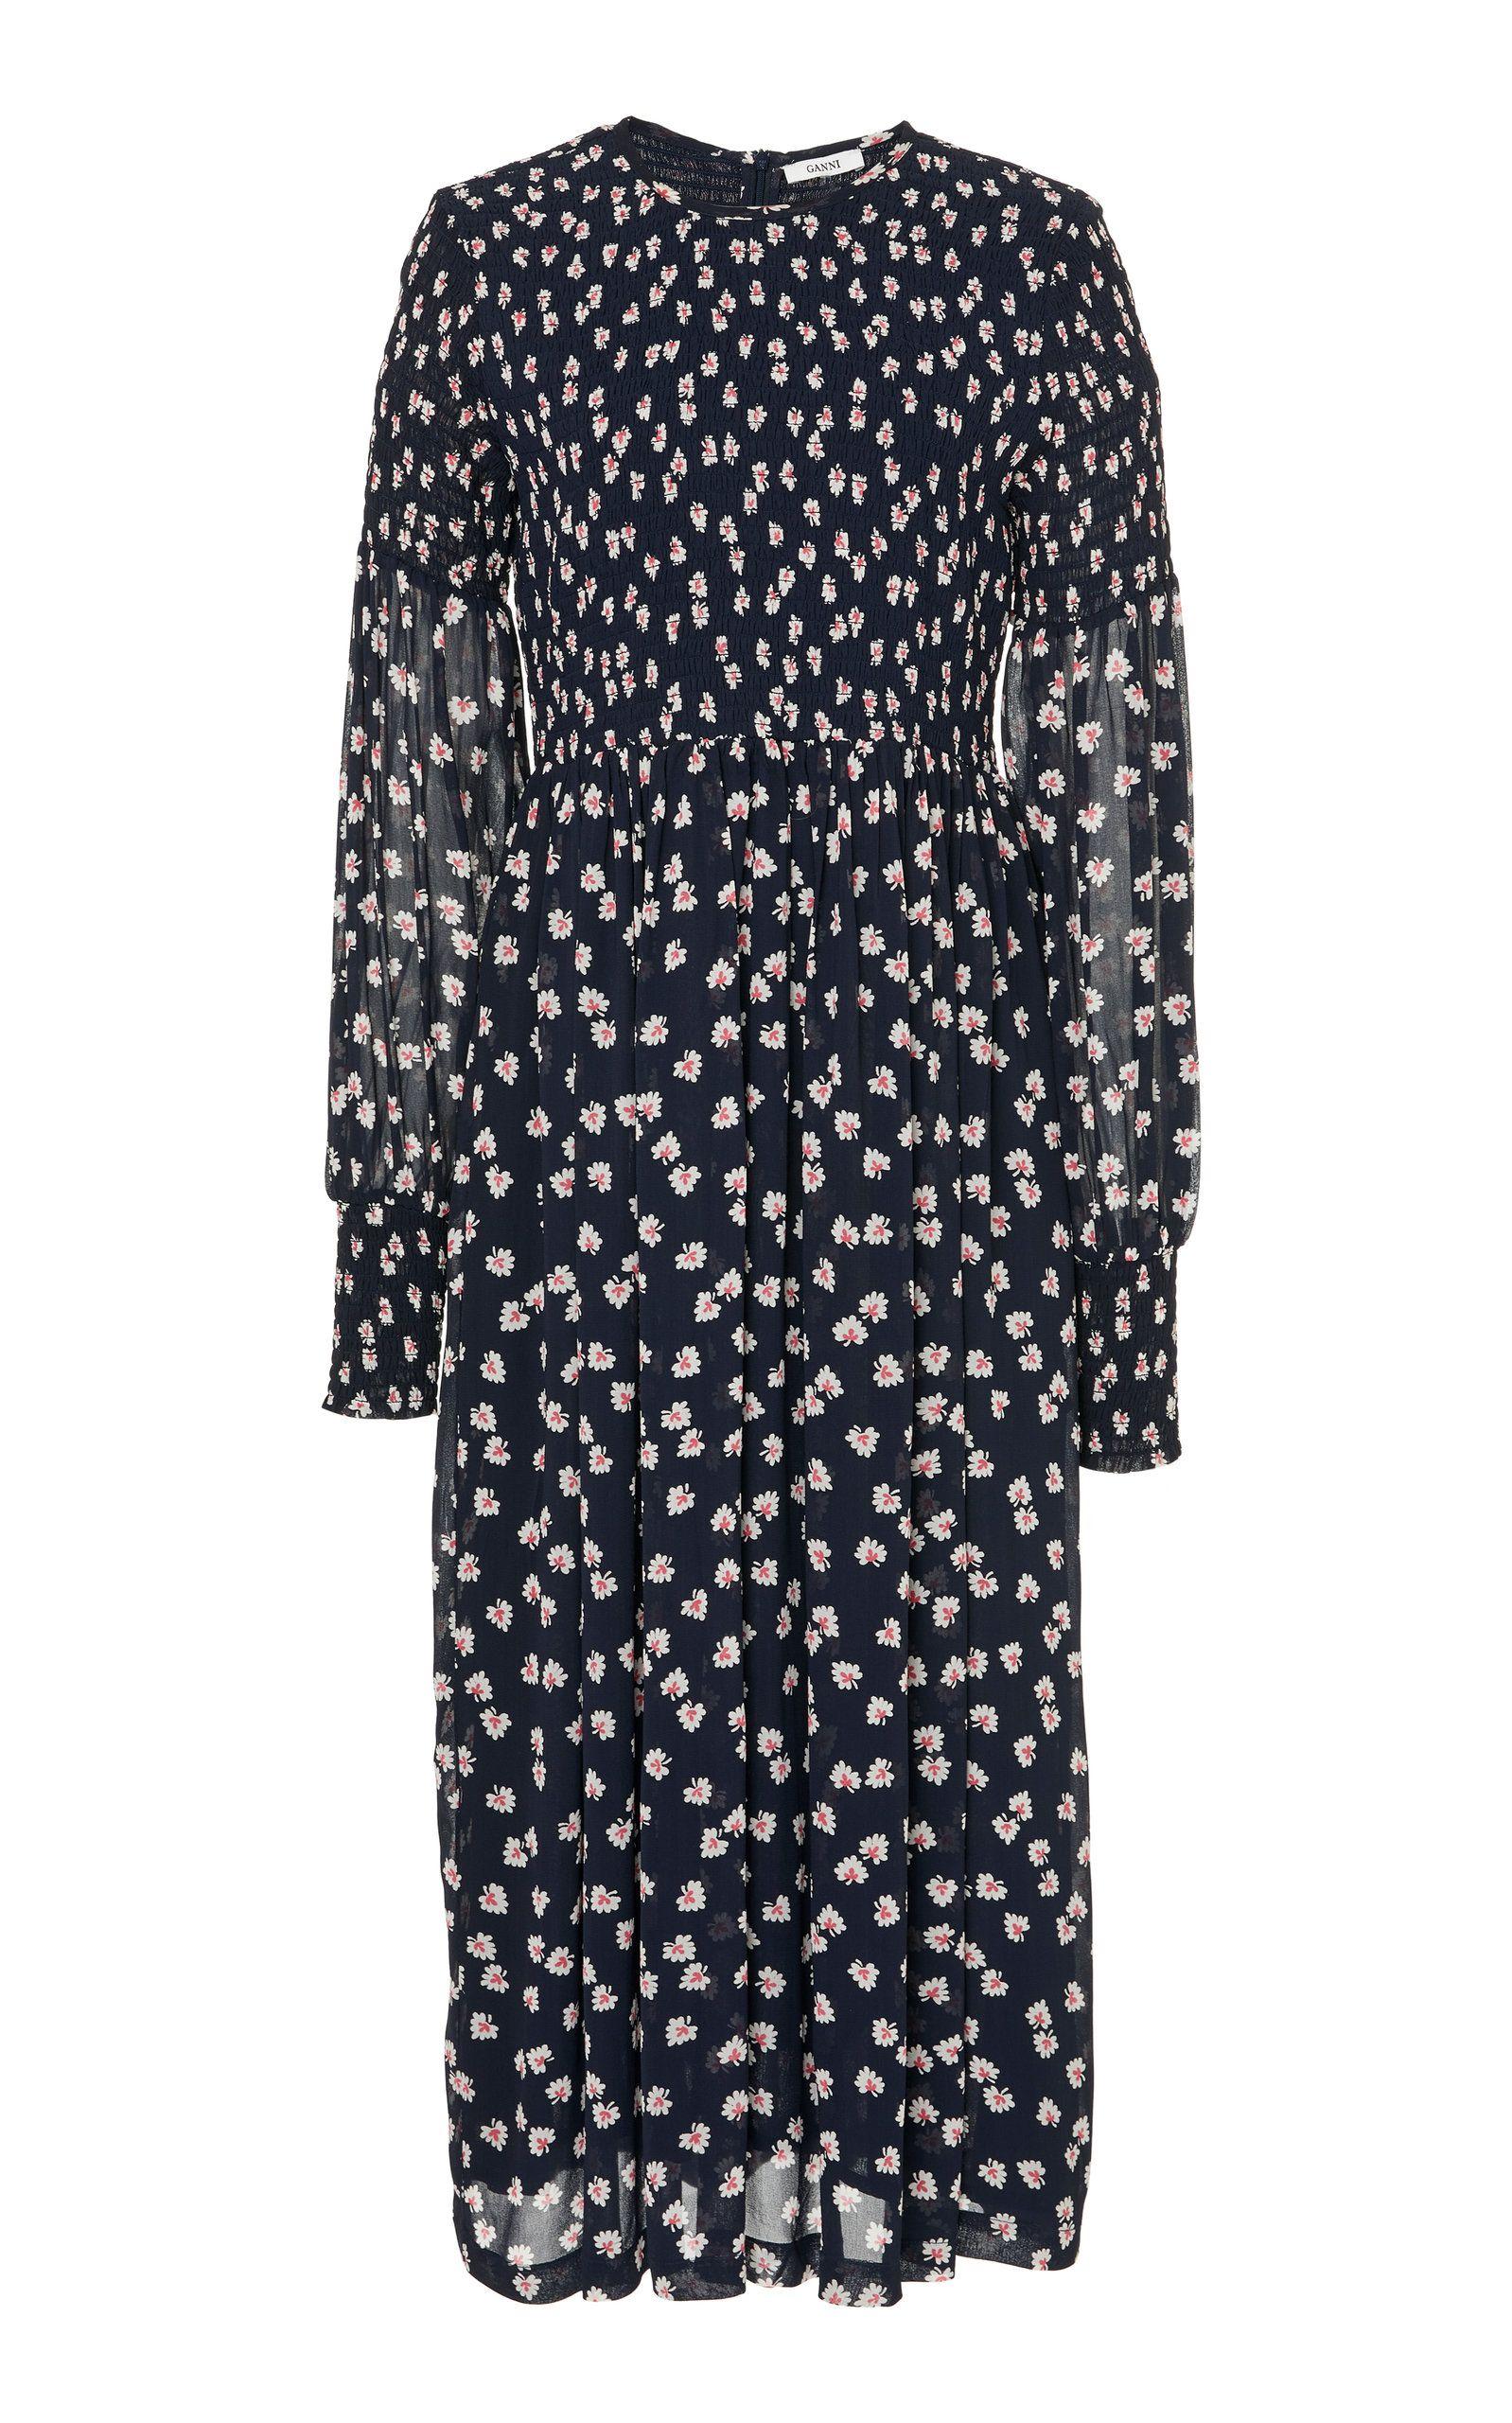 a3b204a3c177 Rometty Smocked Floral-Print Georgette Midi Dress